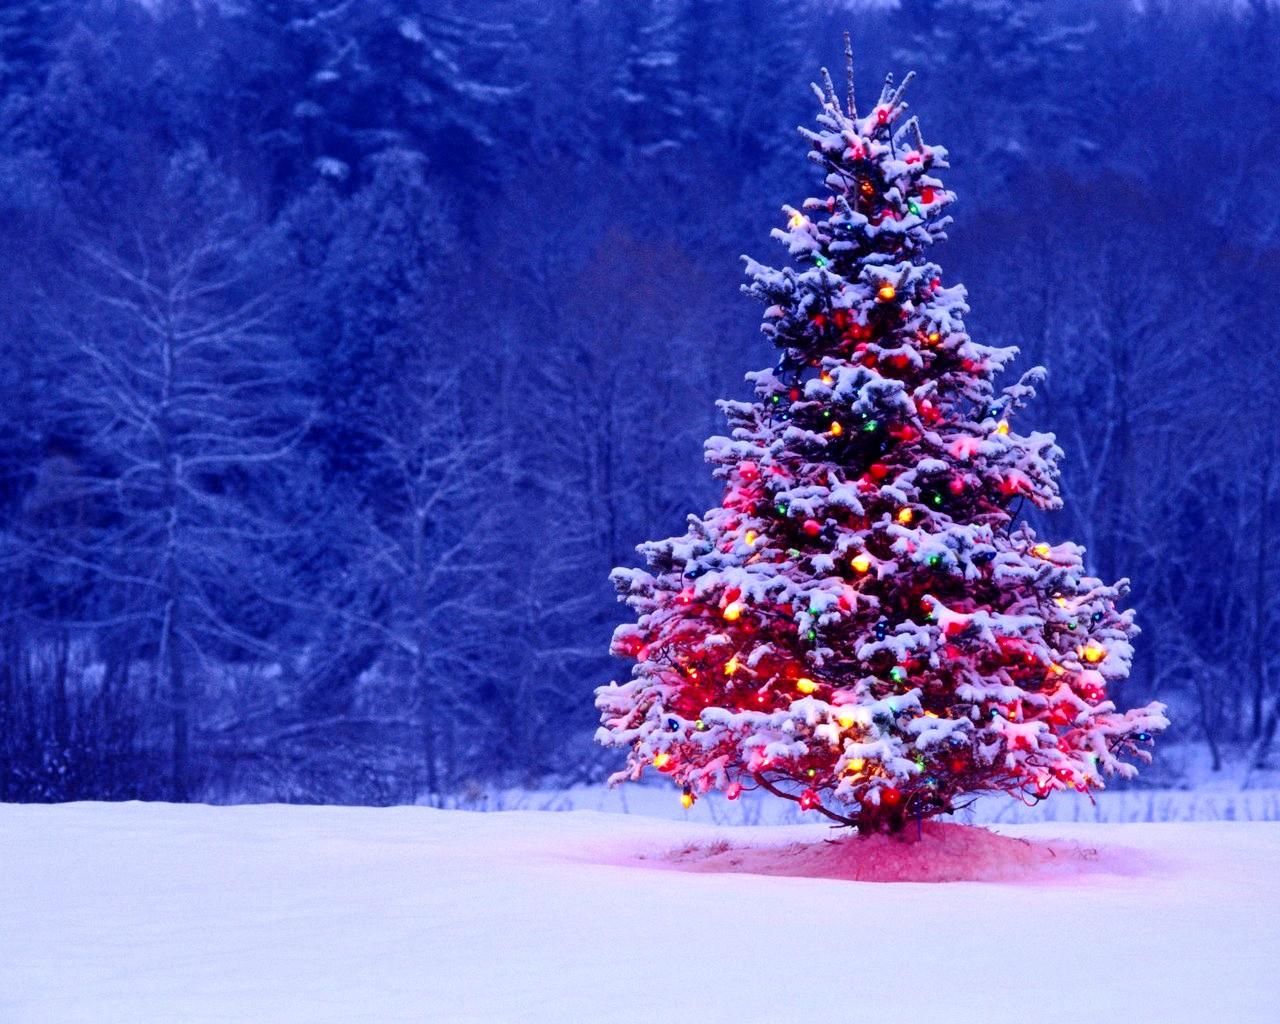 Christmas Desktop Wallpaper Backgrounds Wallpaper 1280x1024 1280x1024